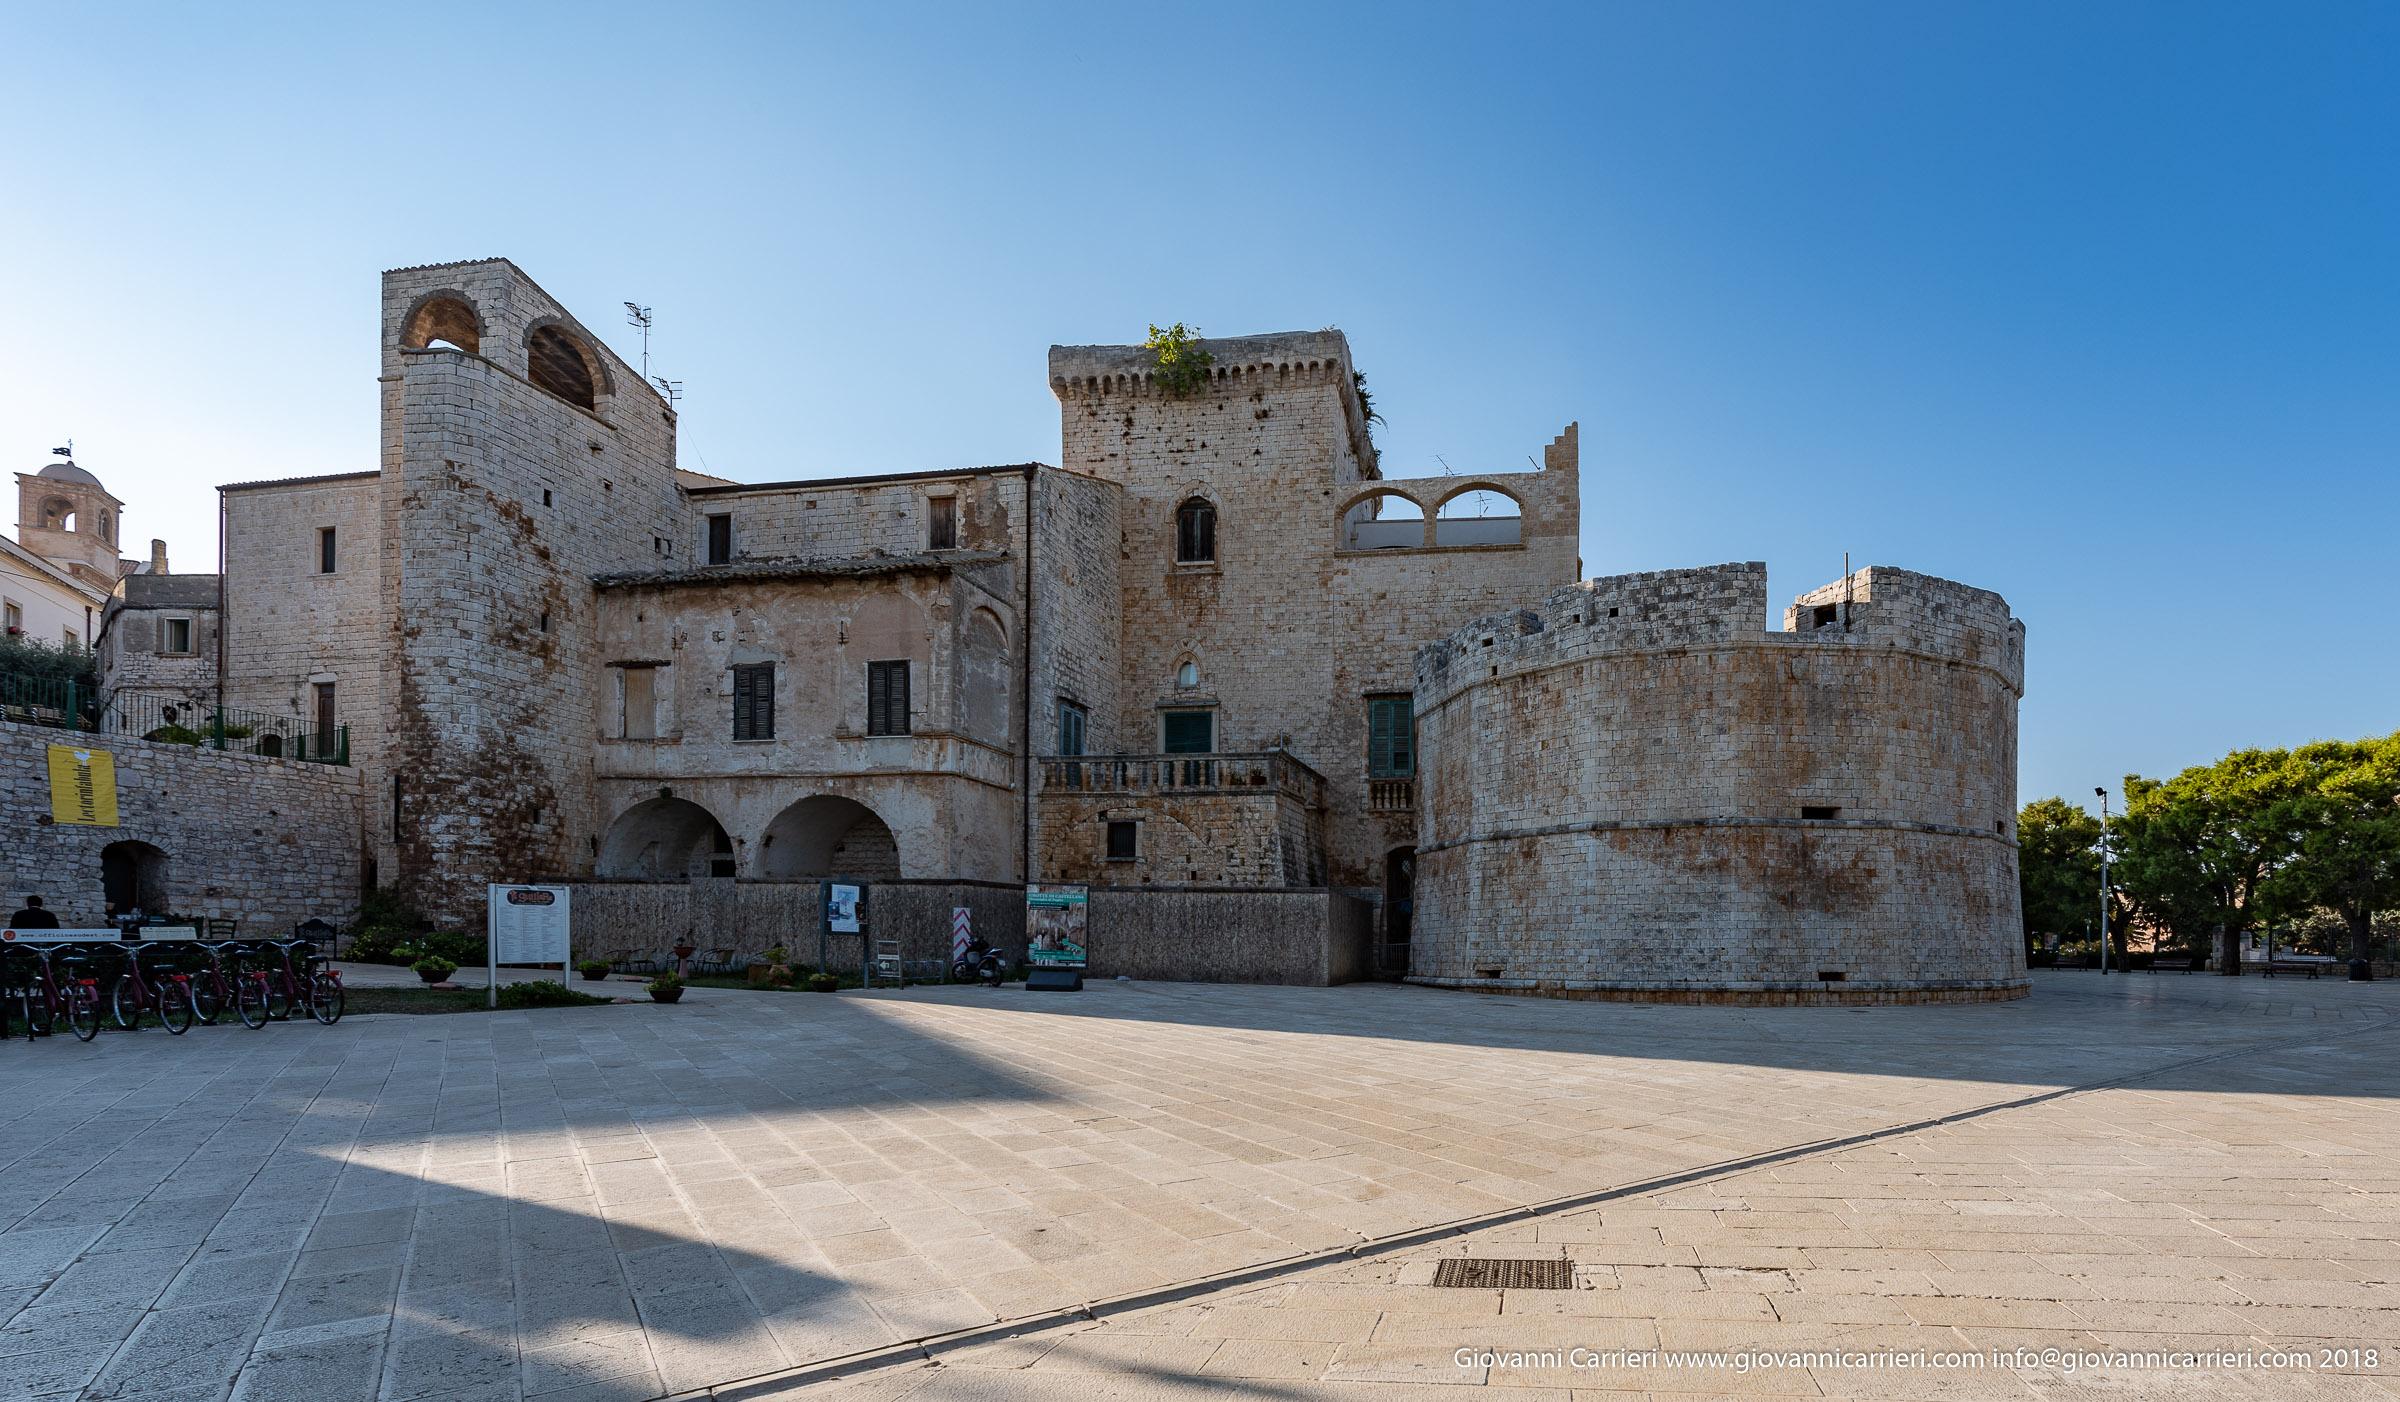 La torre poligonale del Castello di Conversano